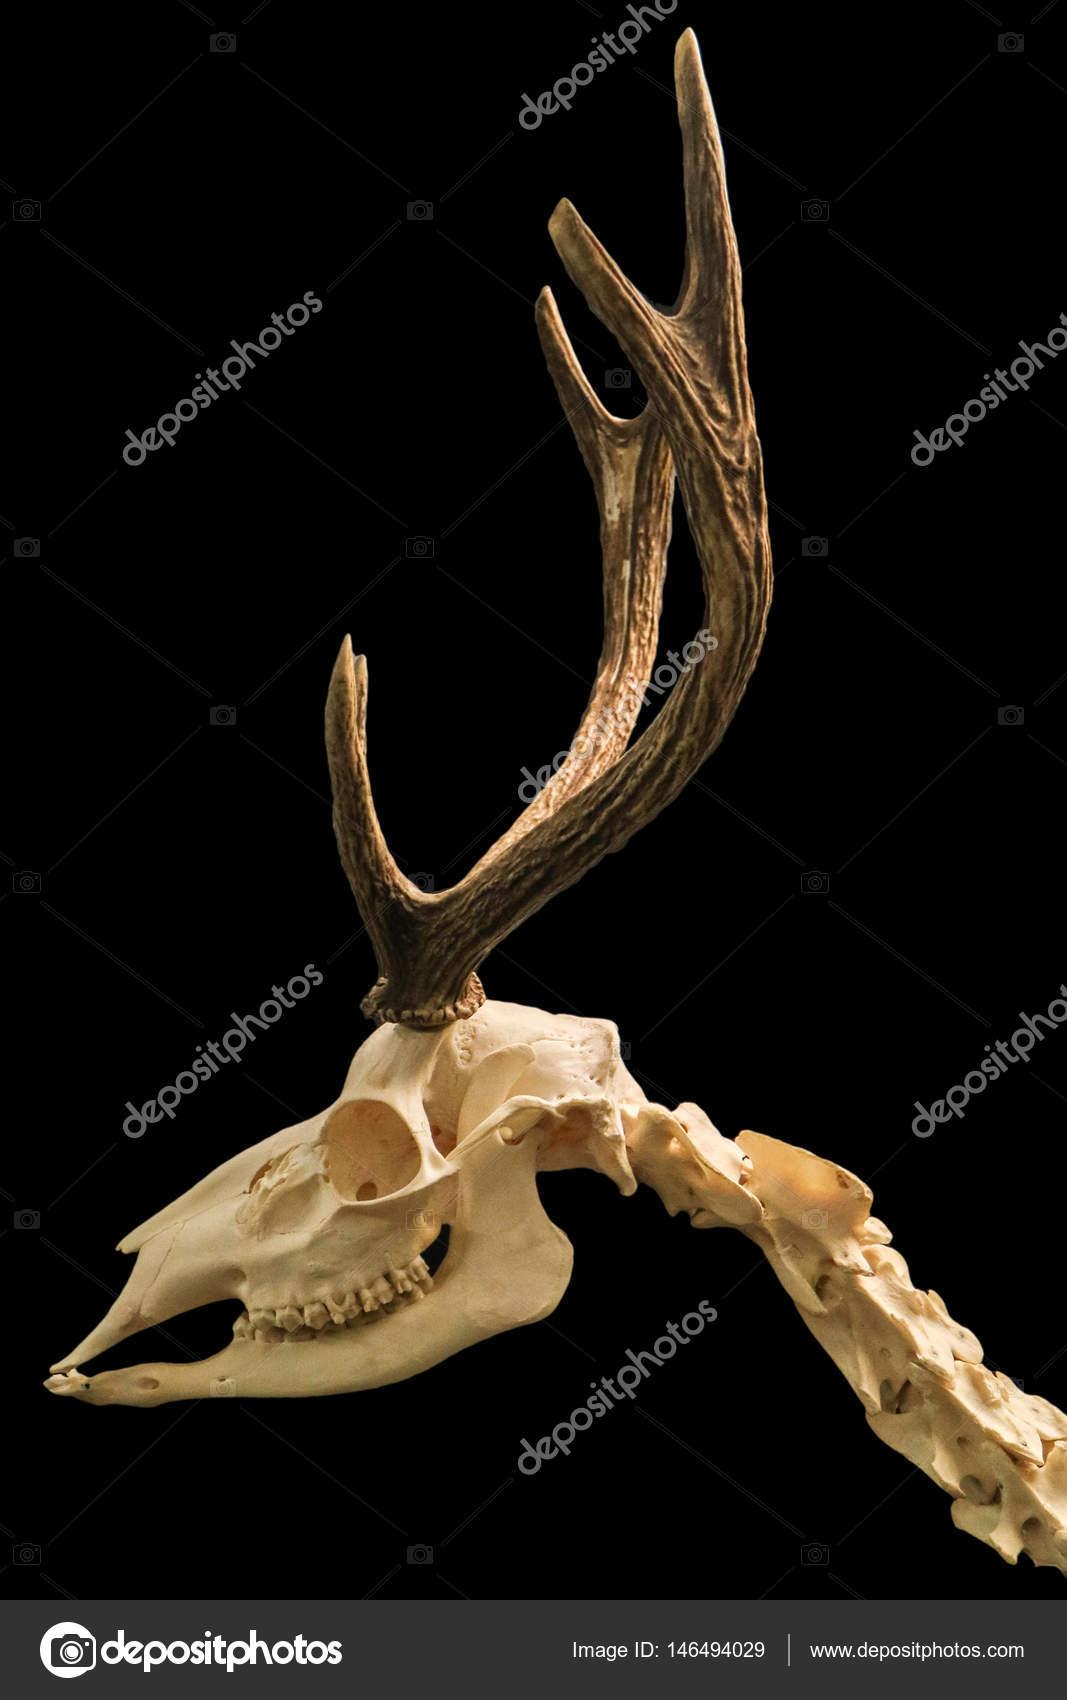 Detalle del esqueleto de ciervo con usado aislado con fondo negro ...